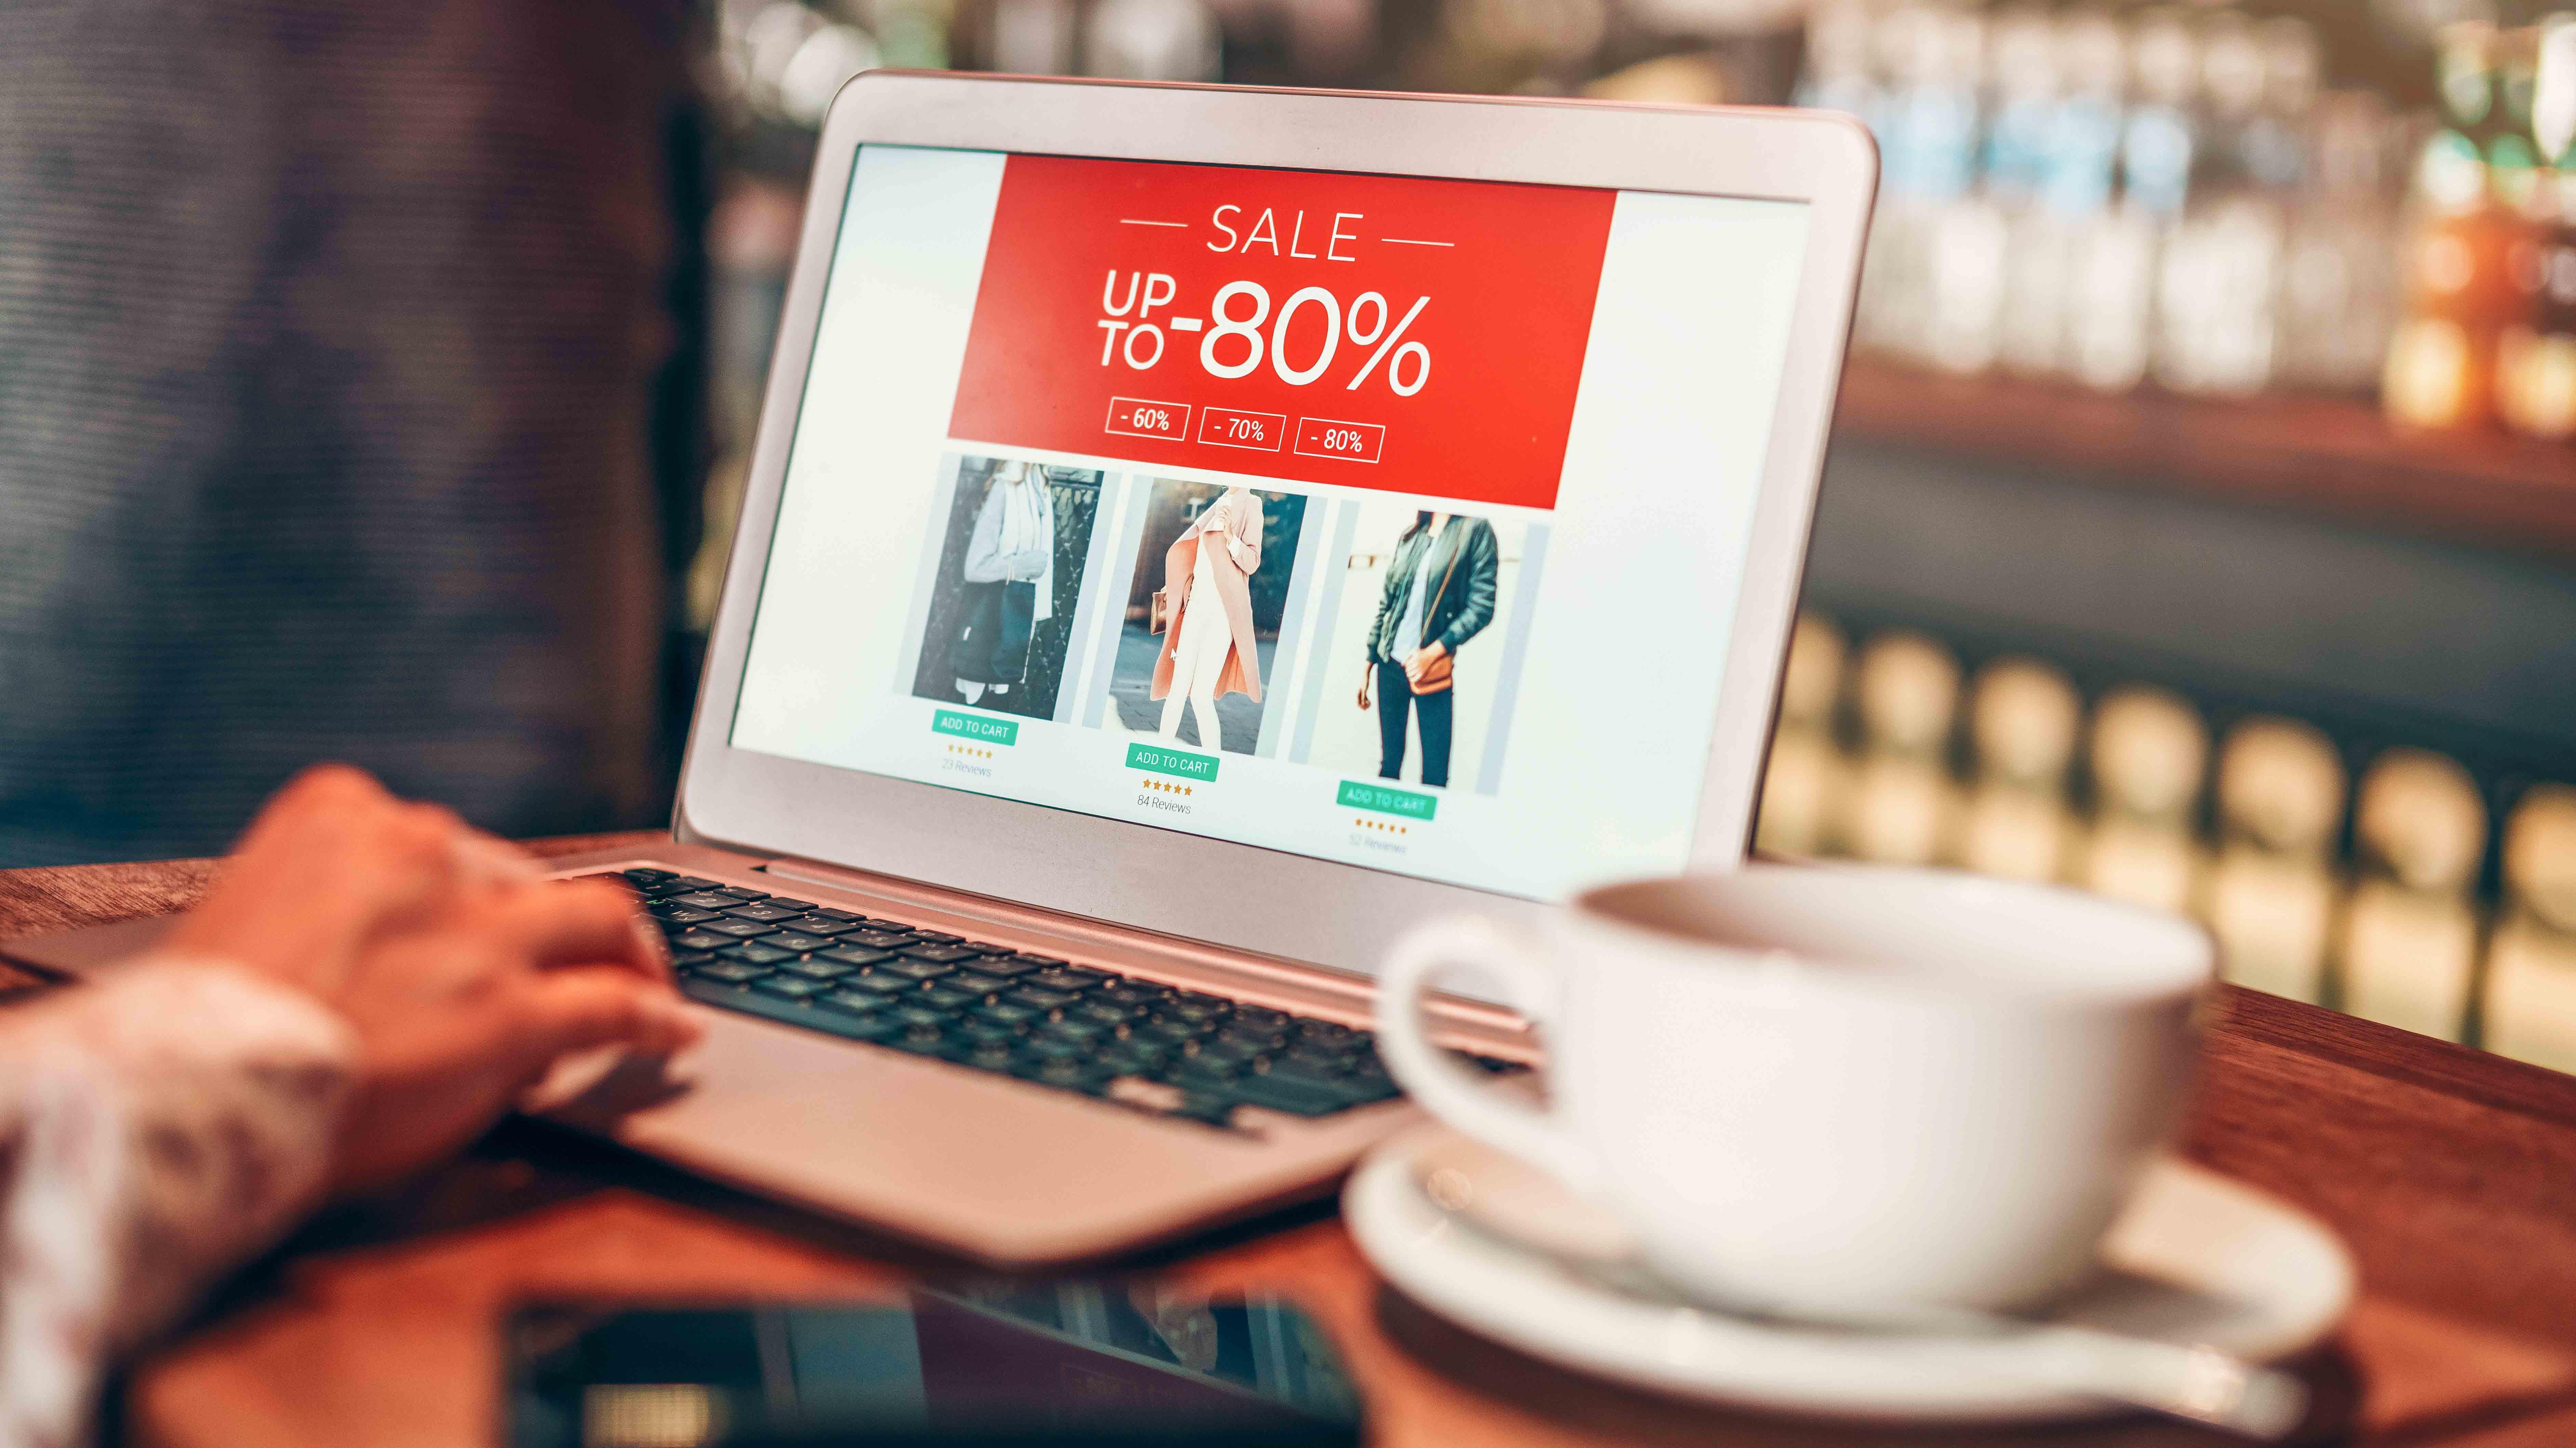 Especialistas de moda obligados a potenciar el canal e-commerce y enfocar su oferta en ropa de casa para crecer en pandemia